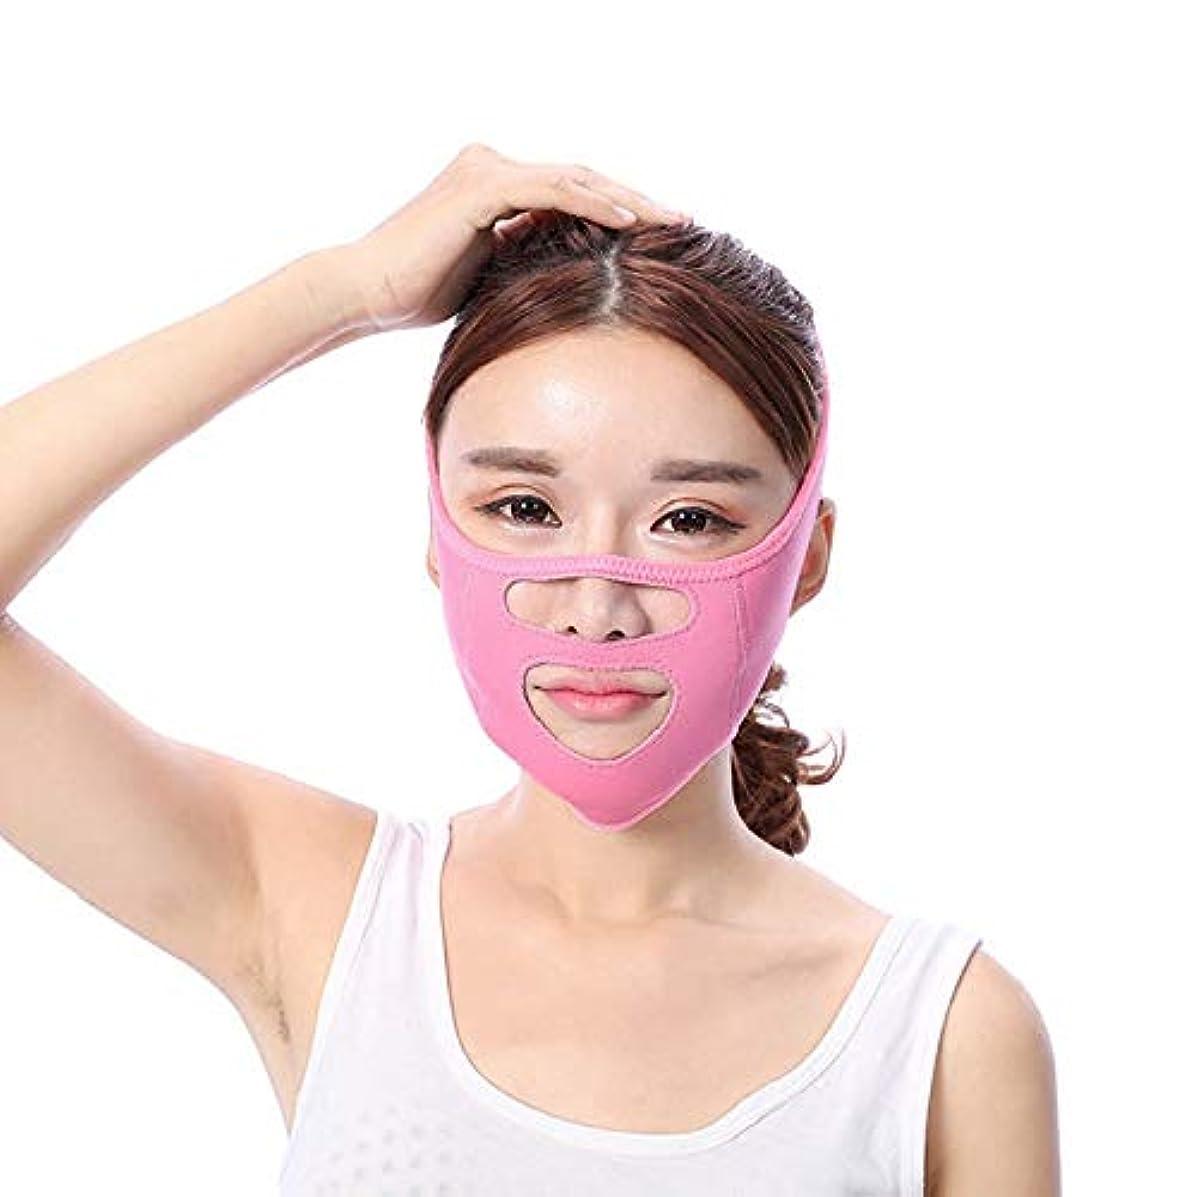 割り当て前任者透けて見えるGYZ 顔の持ち上がる痩身ベルト - あなたの顔のための素晴らしいトレーニング二重あごのワークアウトフェイスマスクベルト薄い顔包帯整形マスクは顔と首を締めますフェイススリム Thin Face Belt